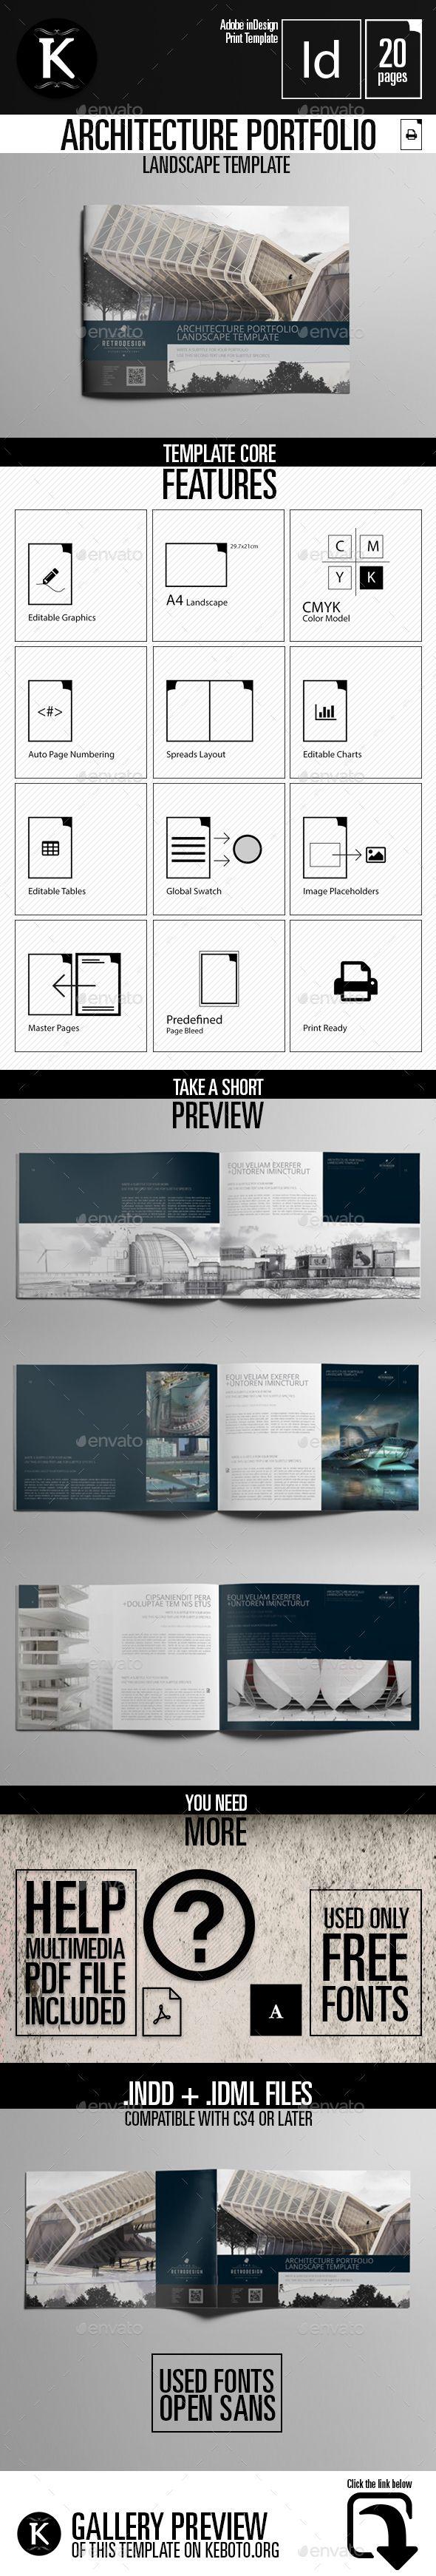 Best 25+ Architecture portfolio layout ideas on Pinterest